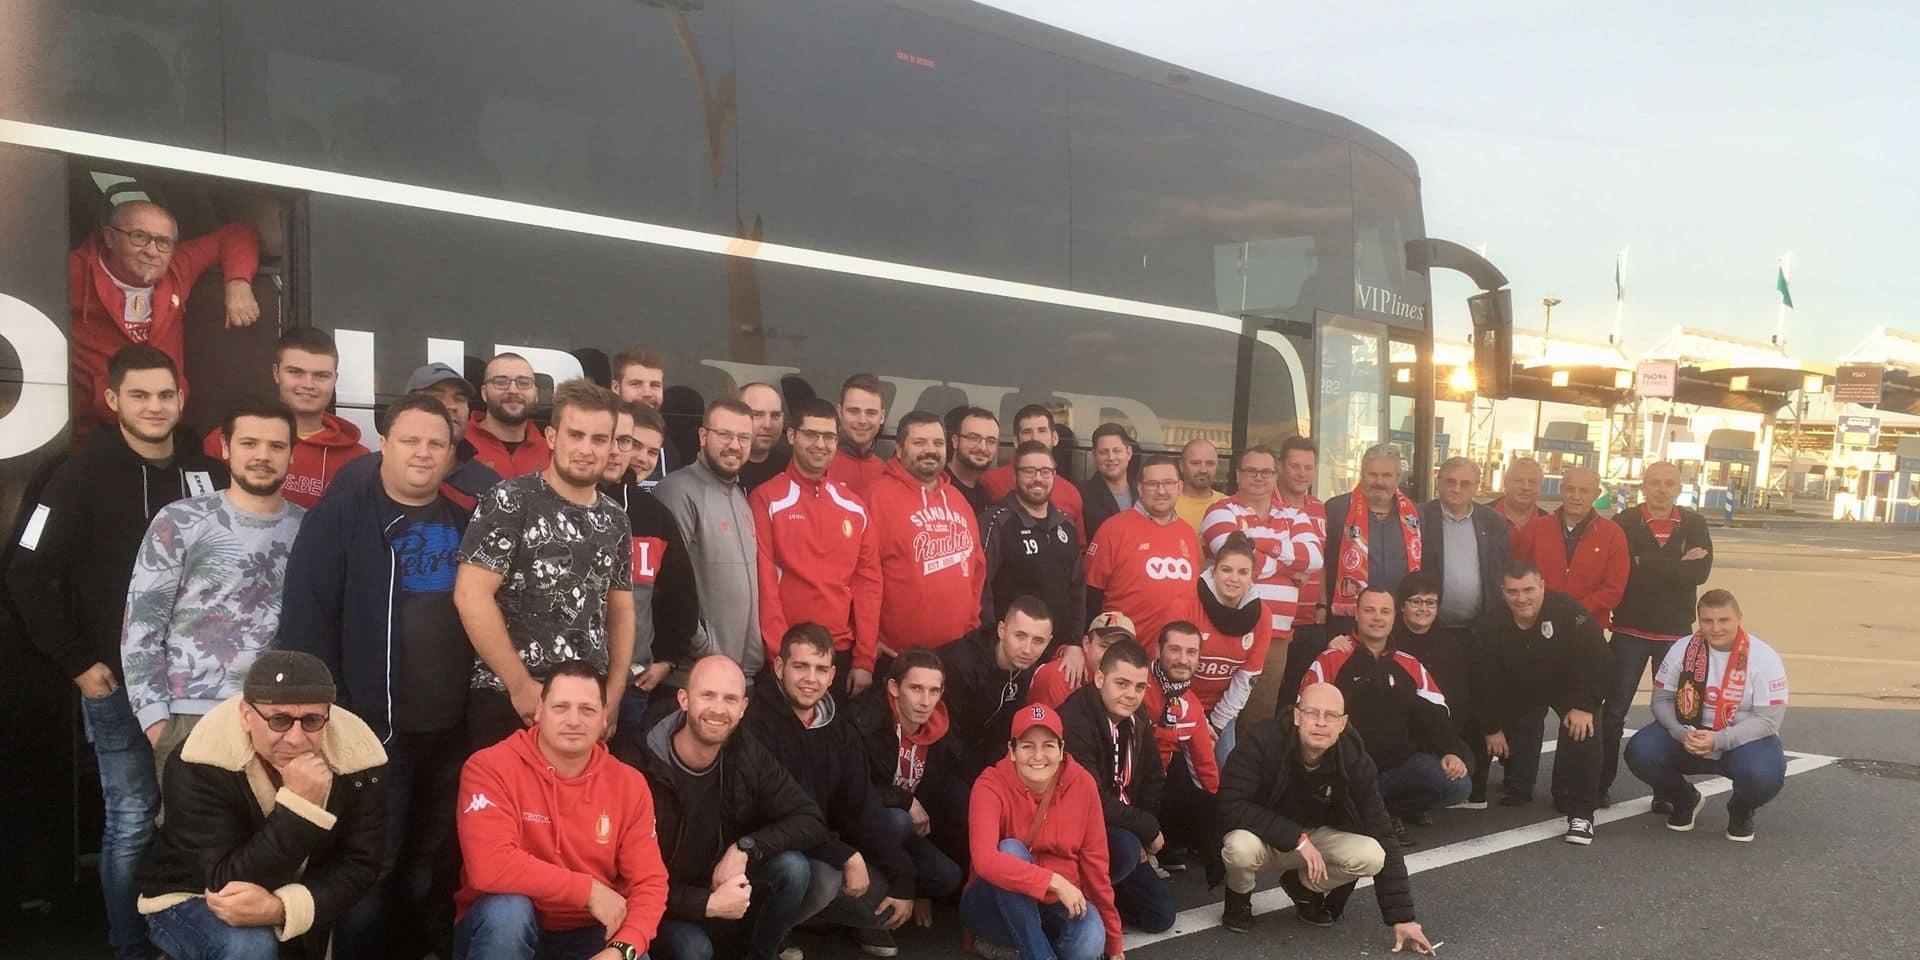 En immersion avec les fans du Standard à Arsenal : les Rouches mettent l'ambiance sur le ferry